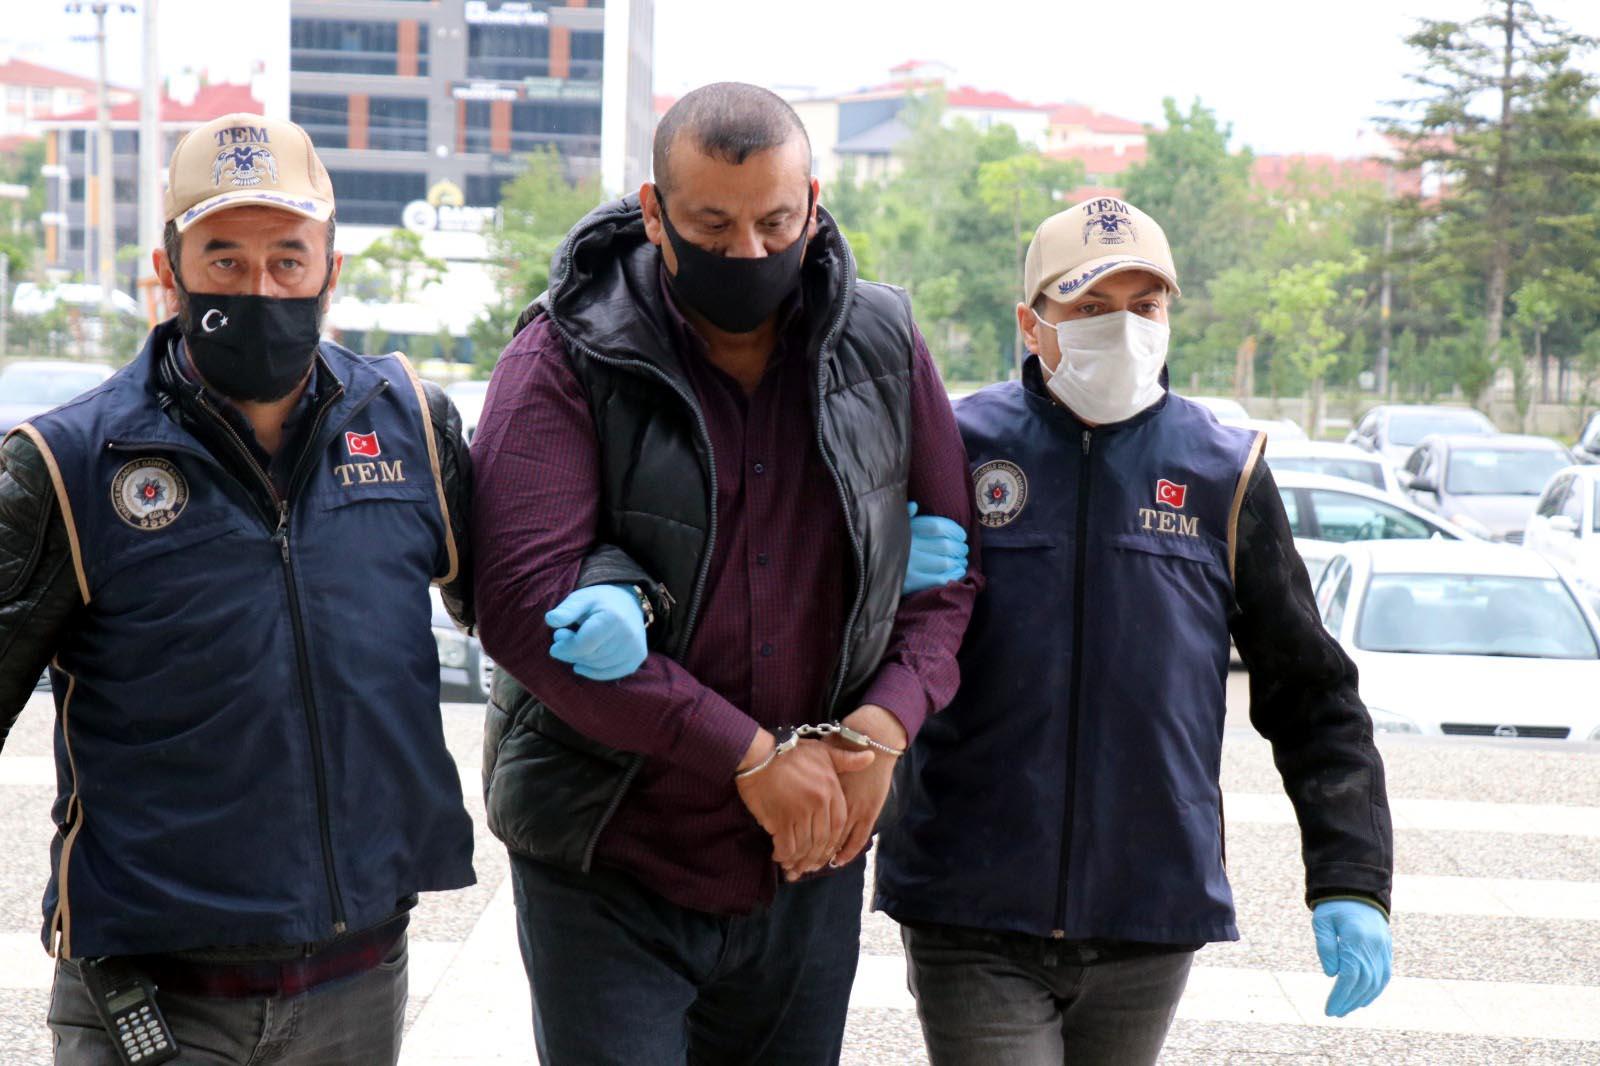 Şaka Gibi! Interpol'ün Aradığı Katliamcı IŞİD'liye 2 Ay Ev Hapsi Cezası